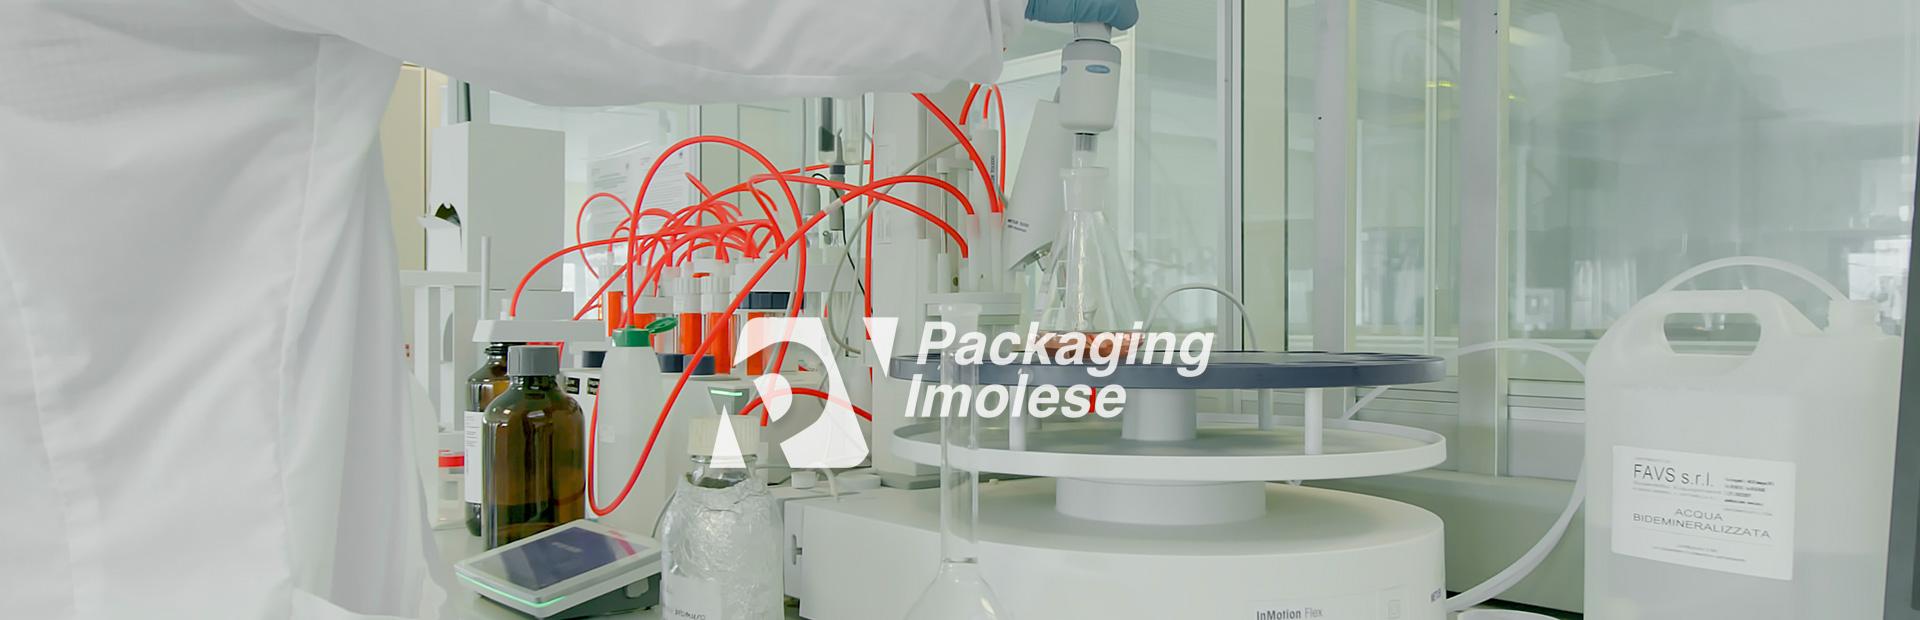 Packaging Imolese qualità